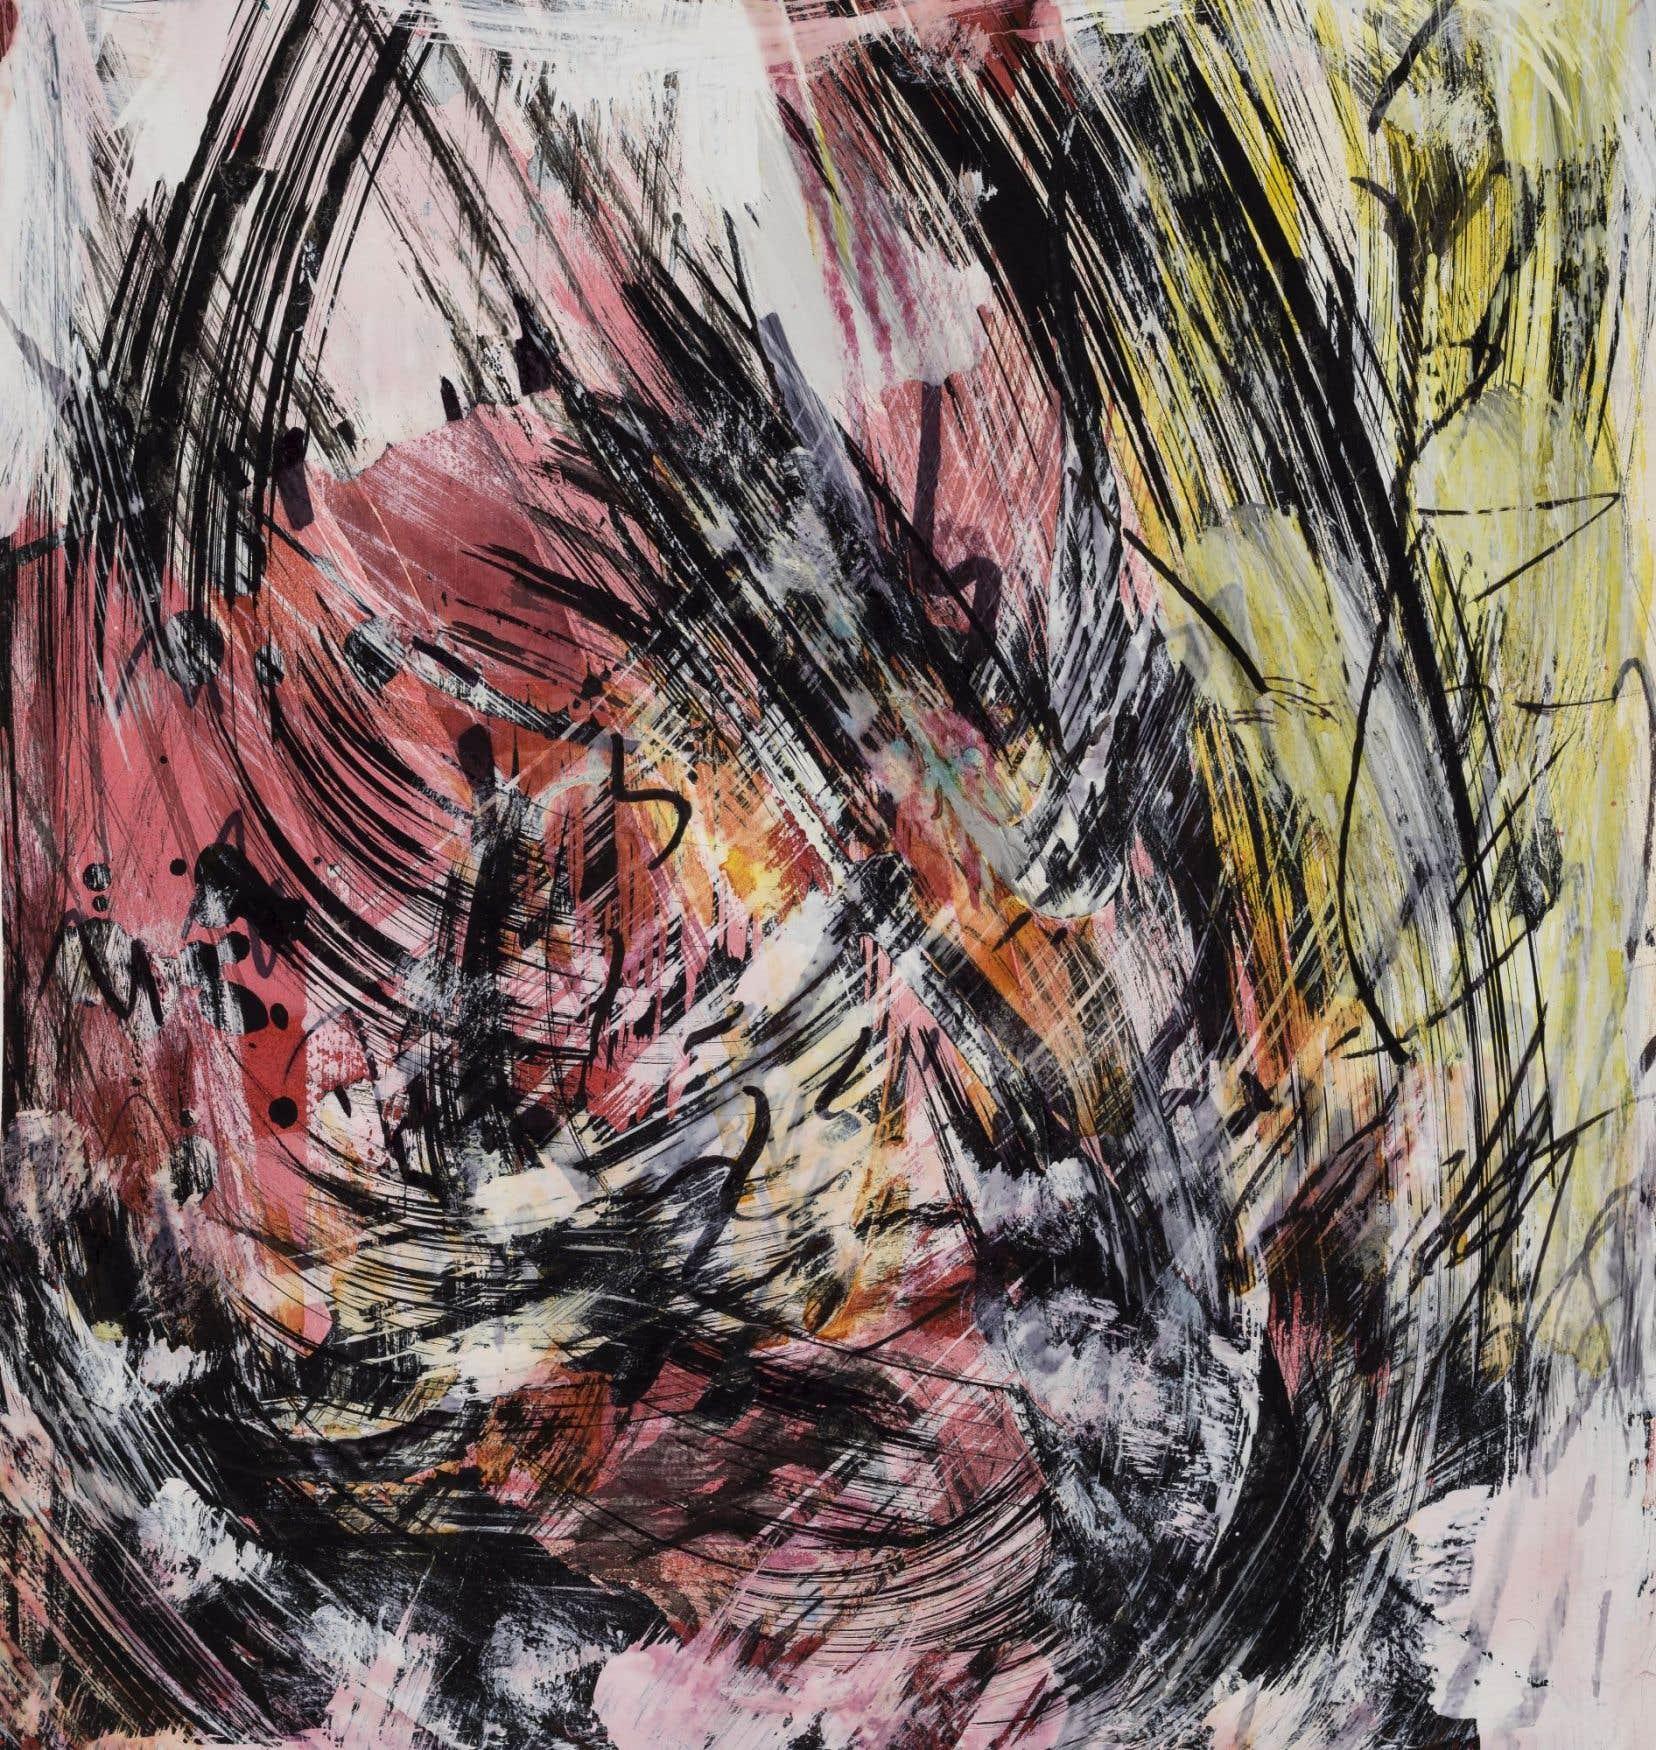 Le galeriste Michel Guimont a choisi 33 oeuvres, dont 29 sur papier et 4 toiles. Elles sont presque toutes inédites.